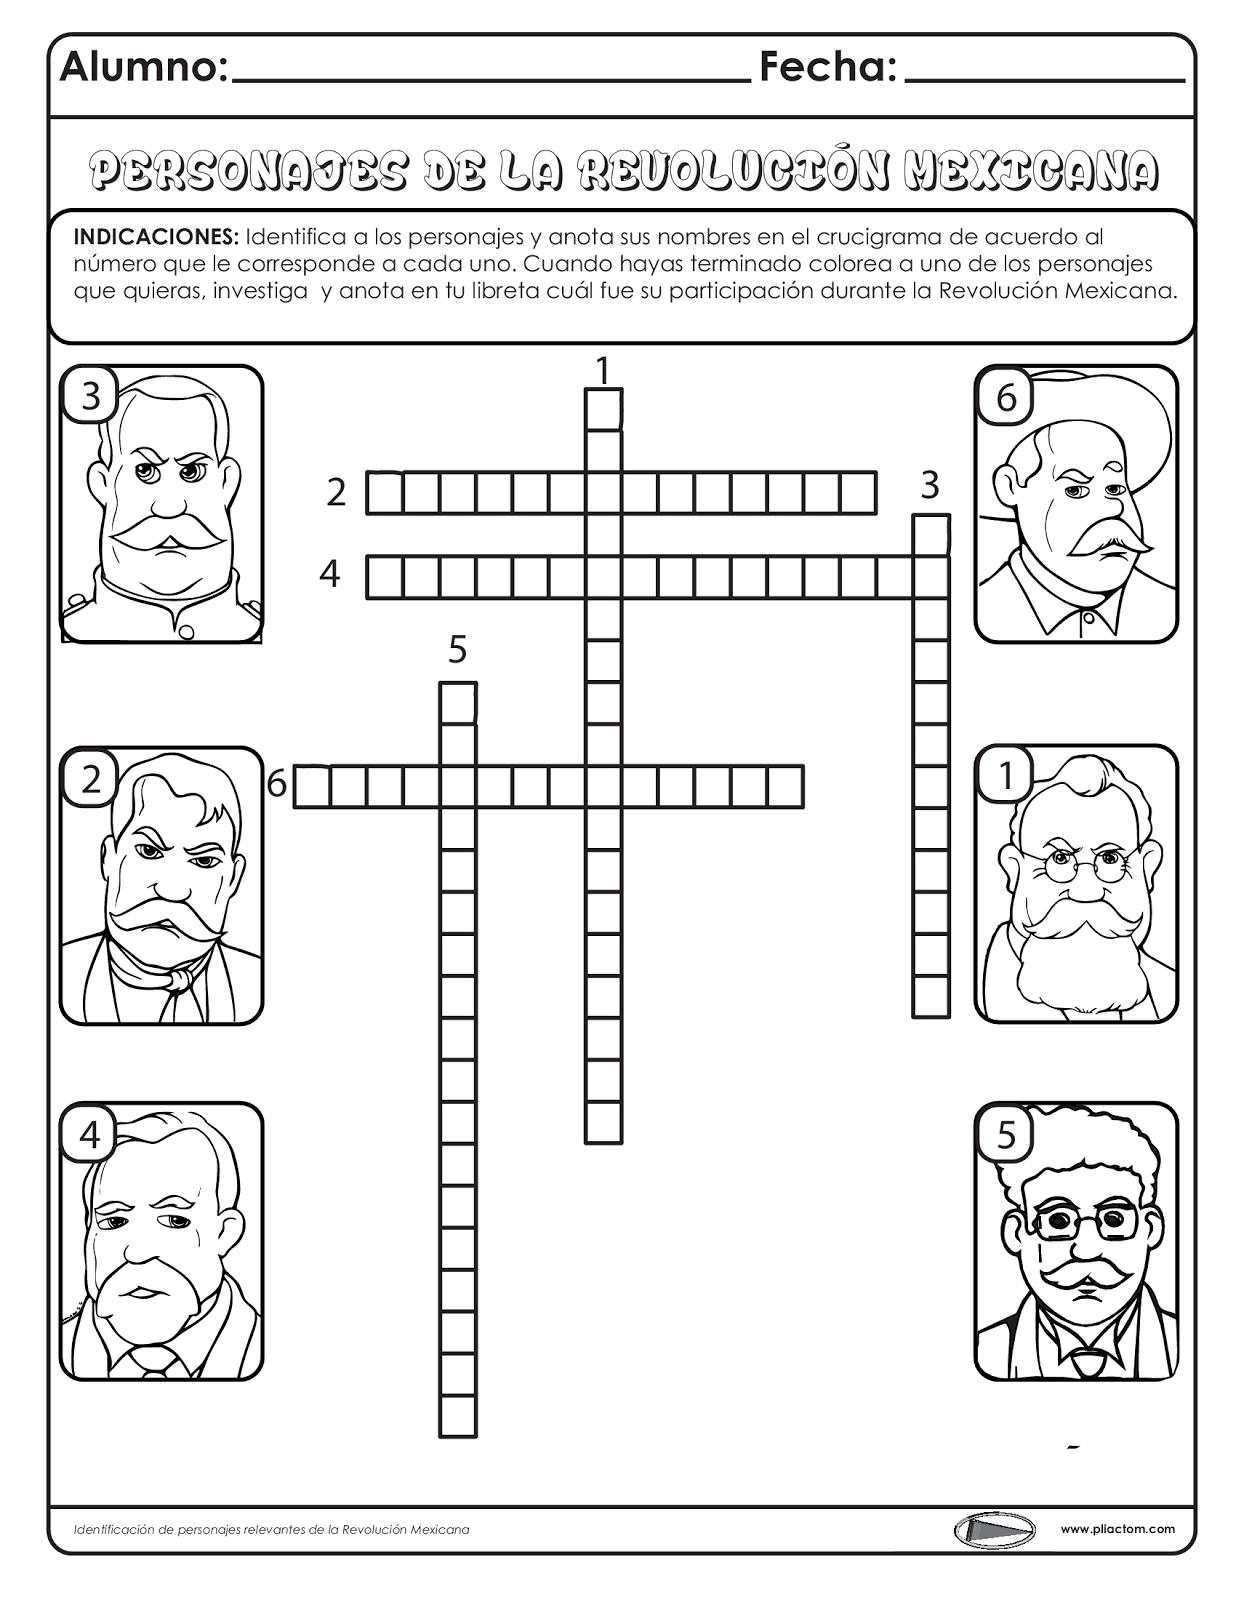 Identificación De Personajes De La Revolución Mexicana